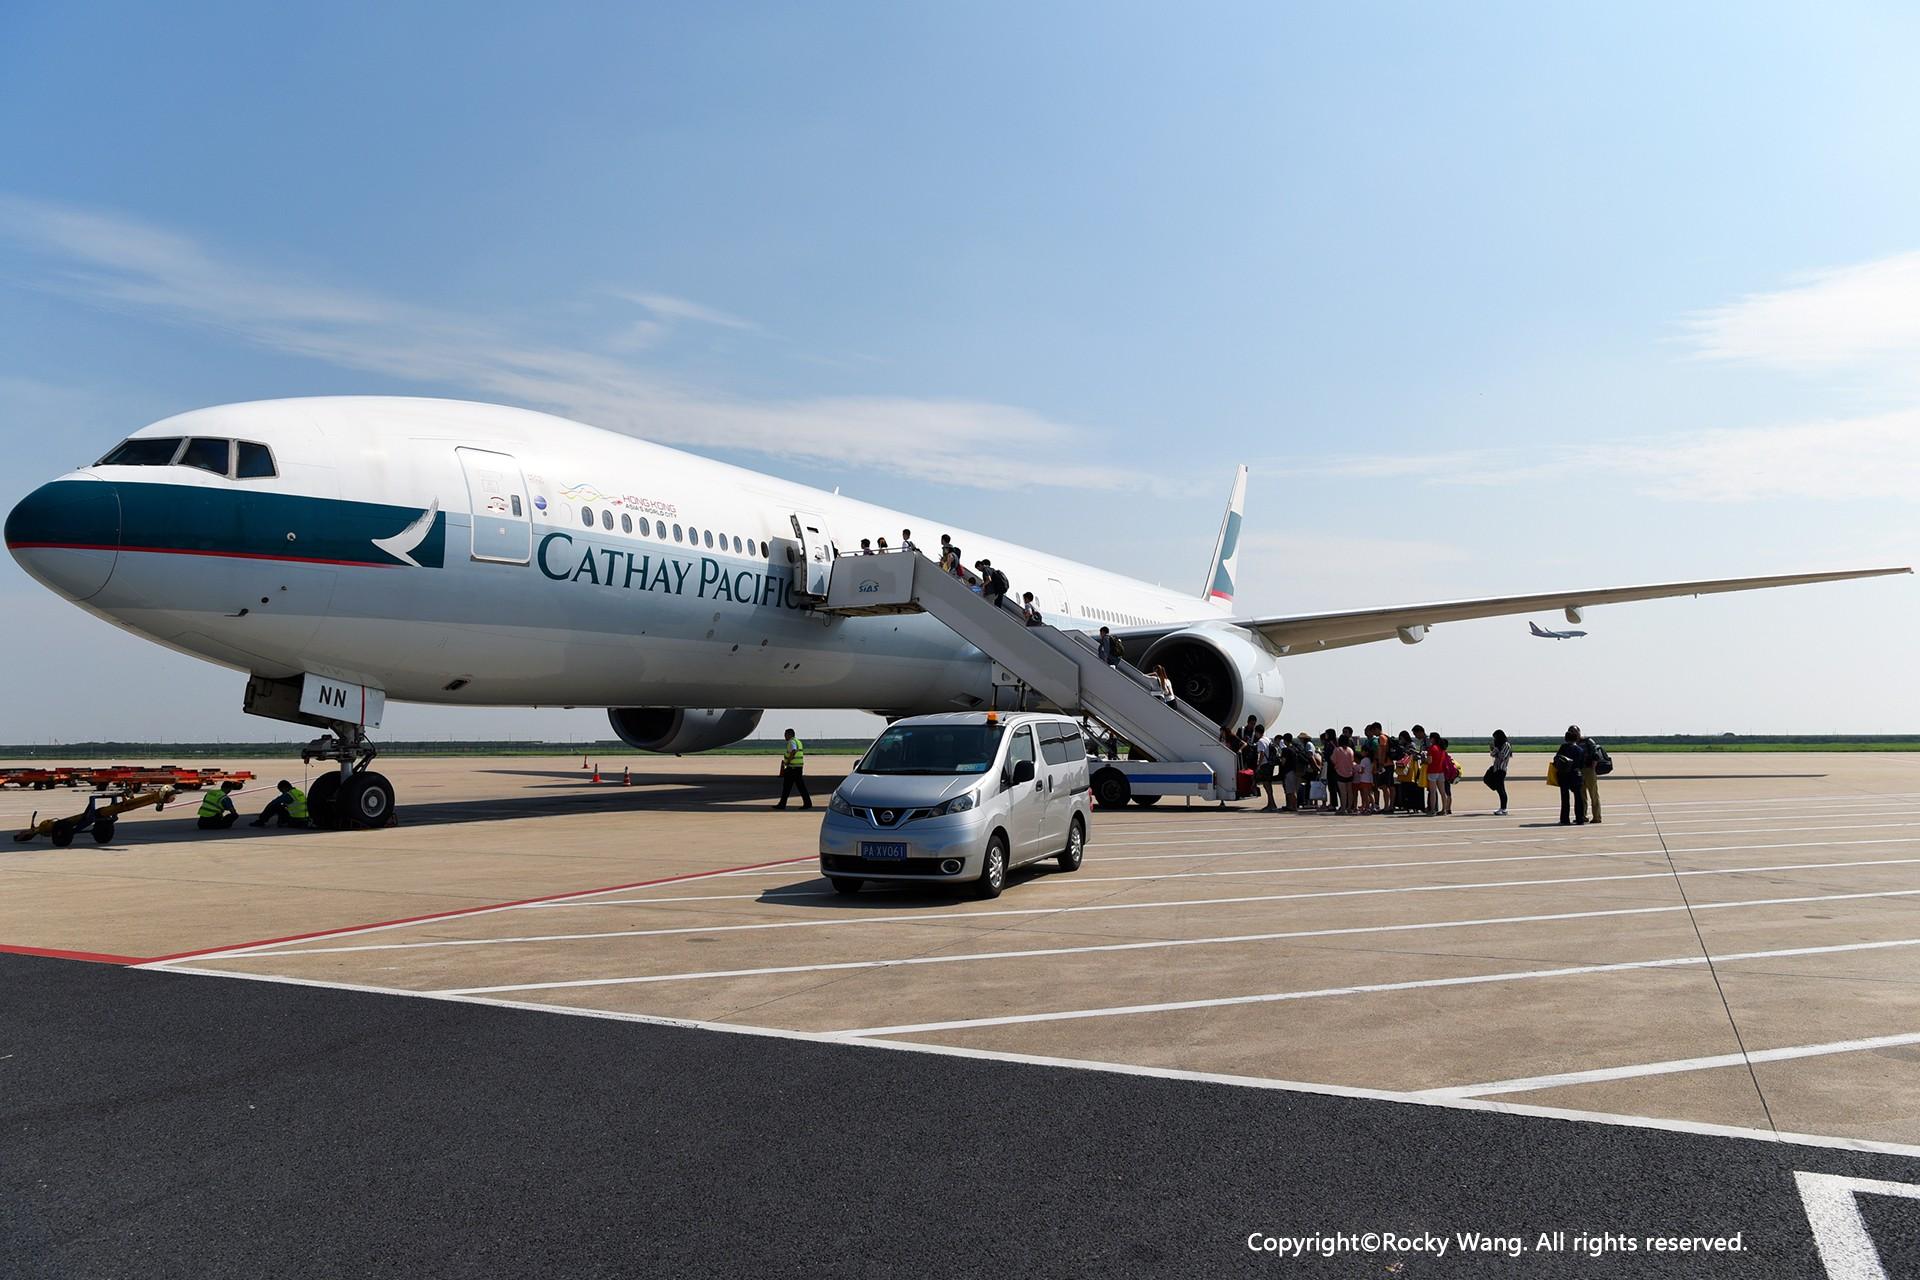 Re:[原创]简易版游记,纪念一次30段的环球飞行和一些碎碎念 BOEING 777-300 B-HNN 中国上海浦东国际机场